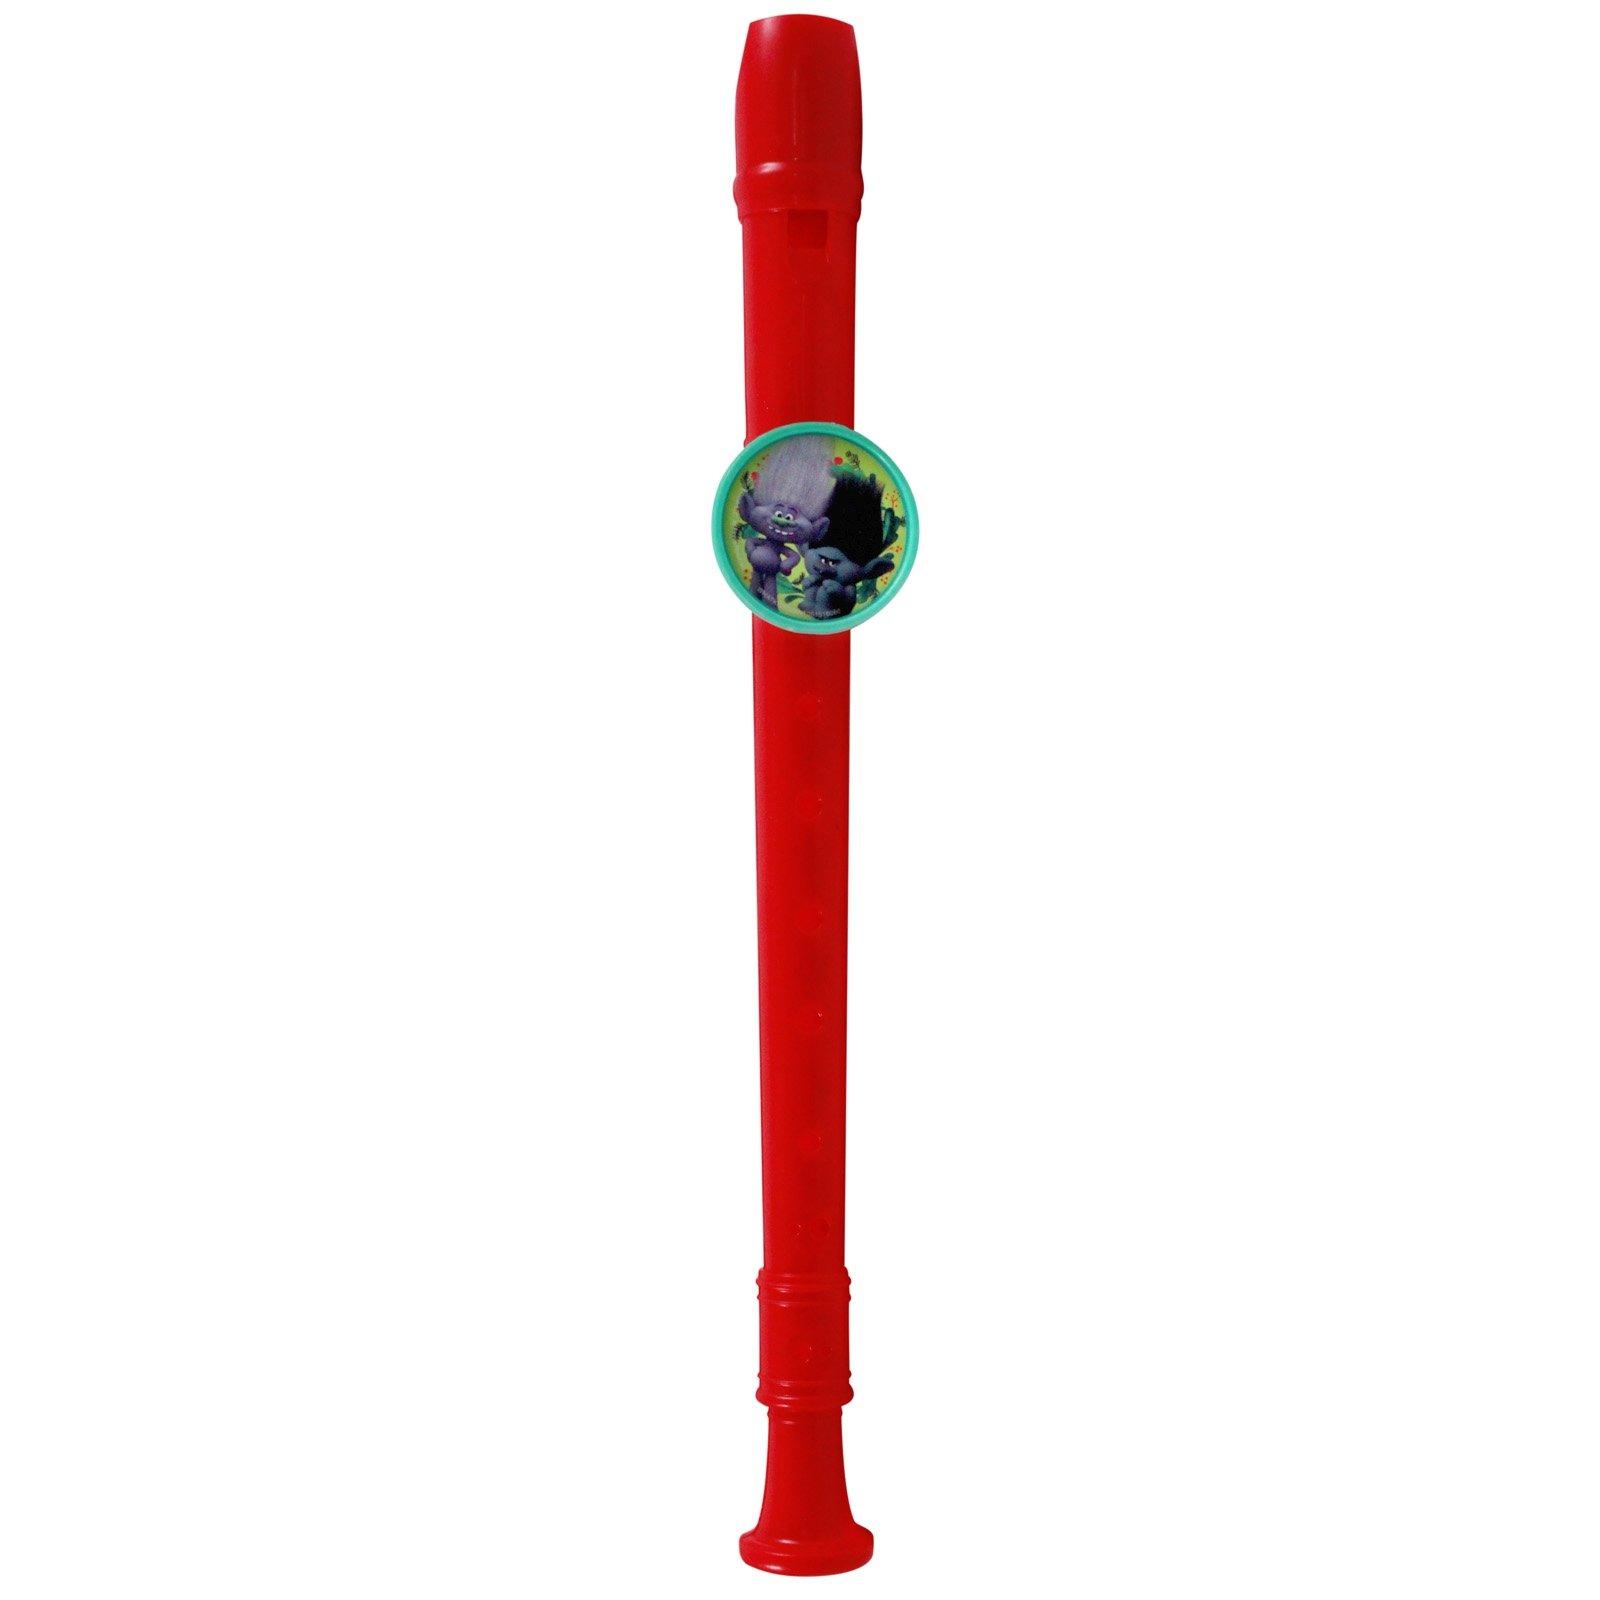 Trolls Movie Branch Music Instrument Flute Recorder Toy